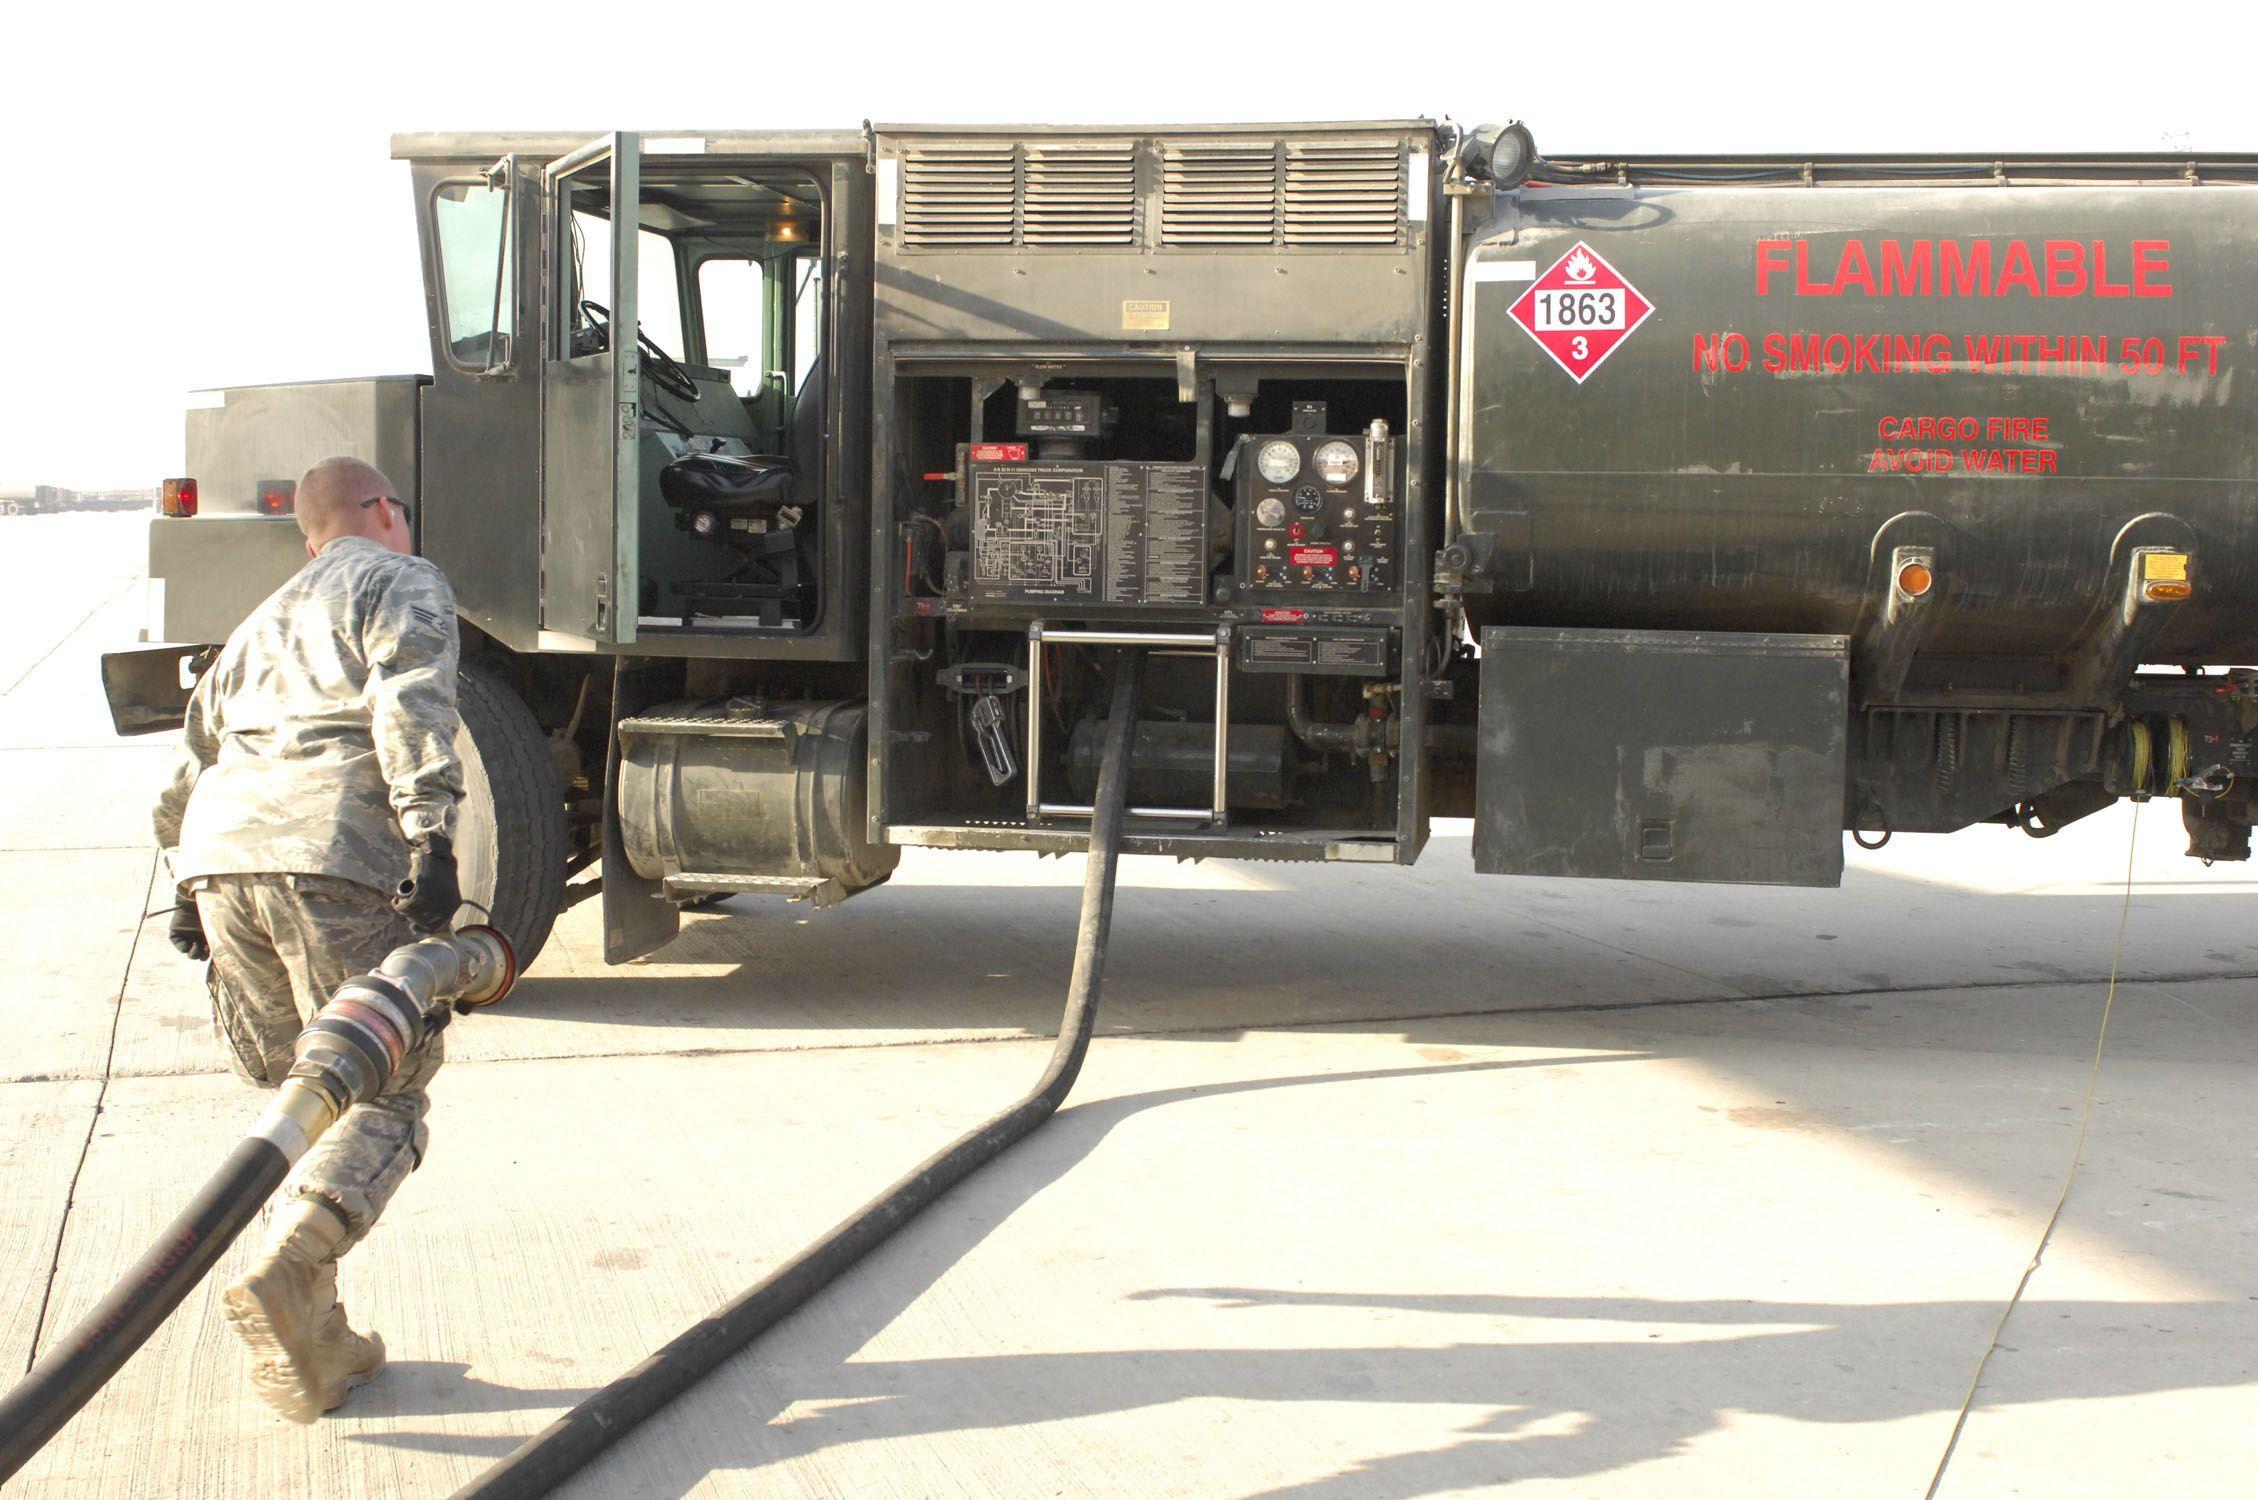 Air Force Refueling Trucks Bagram Airfield Media